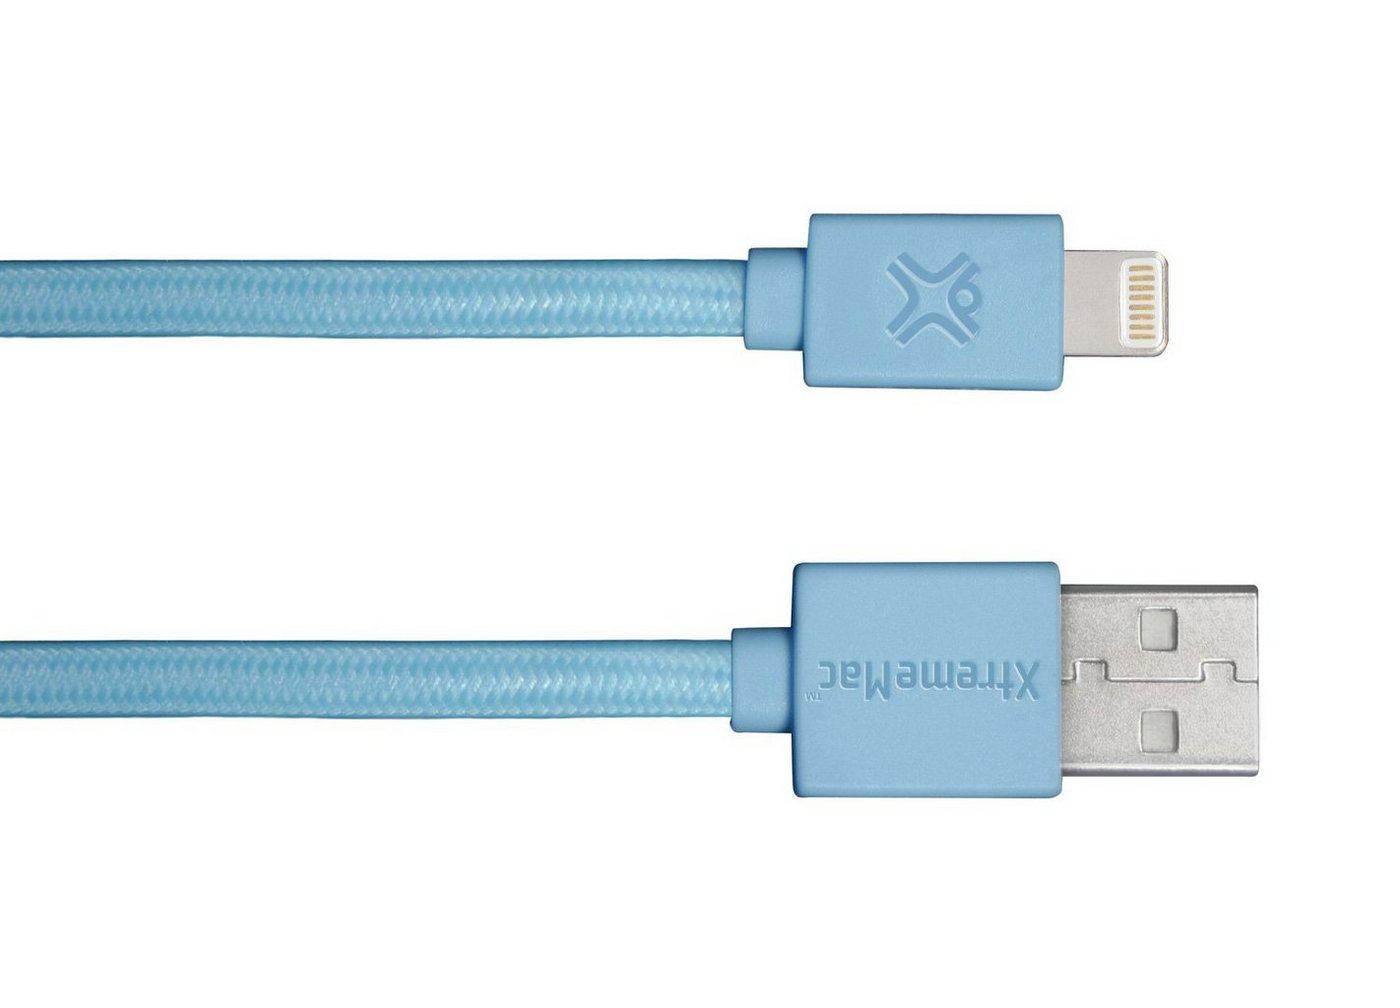 XtremeMac Lade-  und  Synchronisierungsflachbandkabel - Preisvergleich